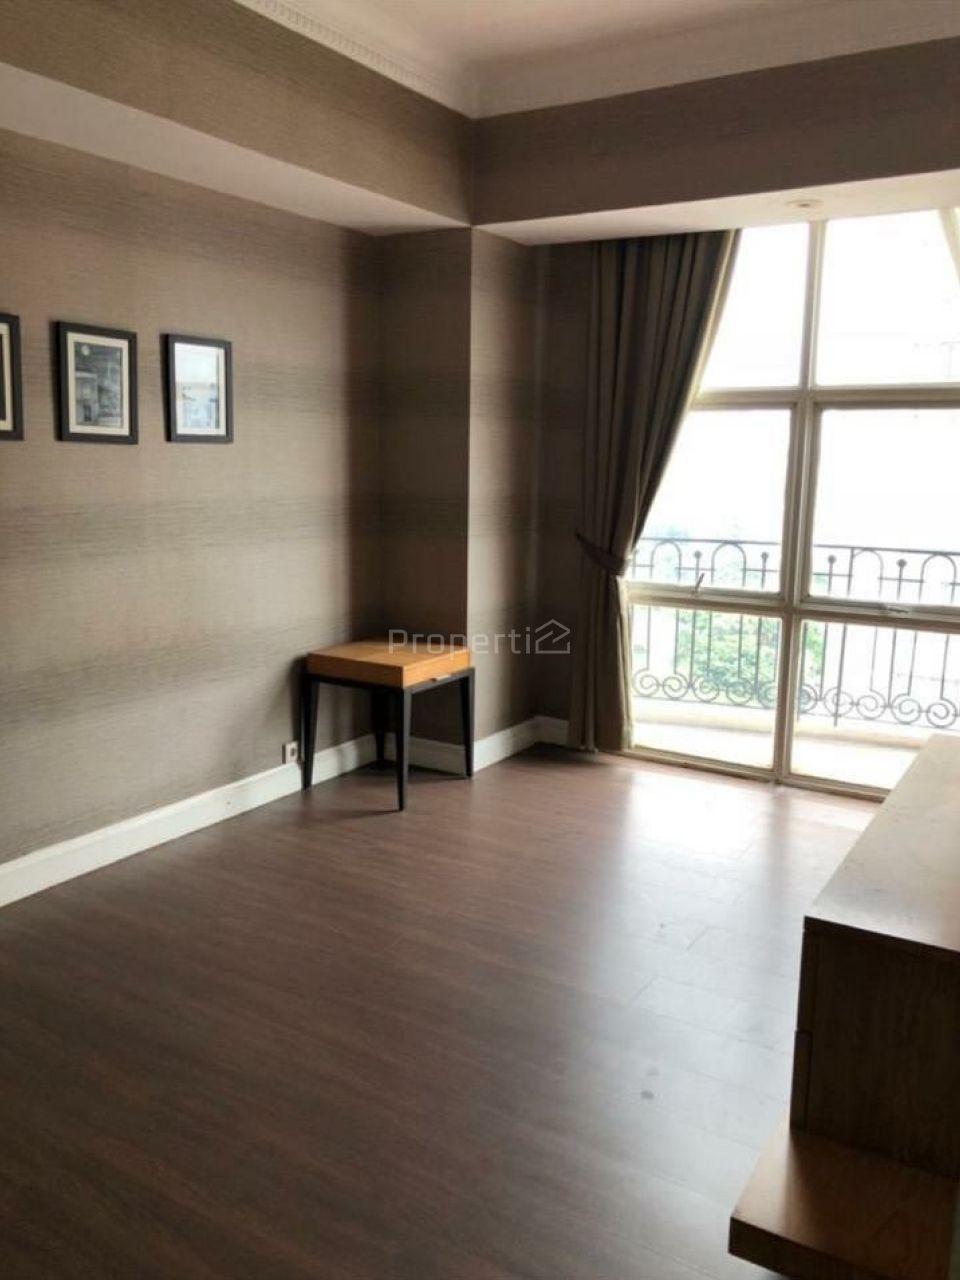 Unit 1BR di Apartemen Eksekutif Menteng, DKI Jakarta